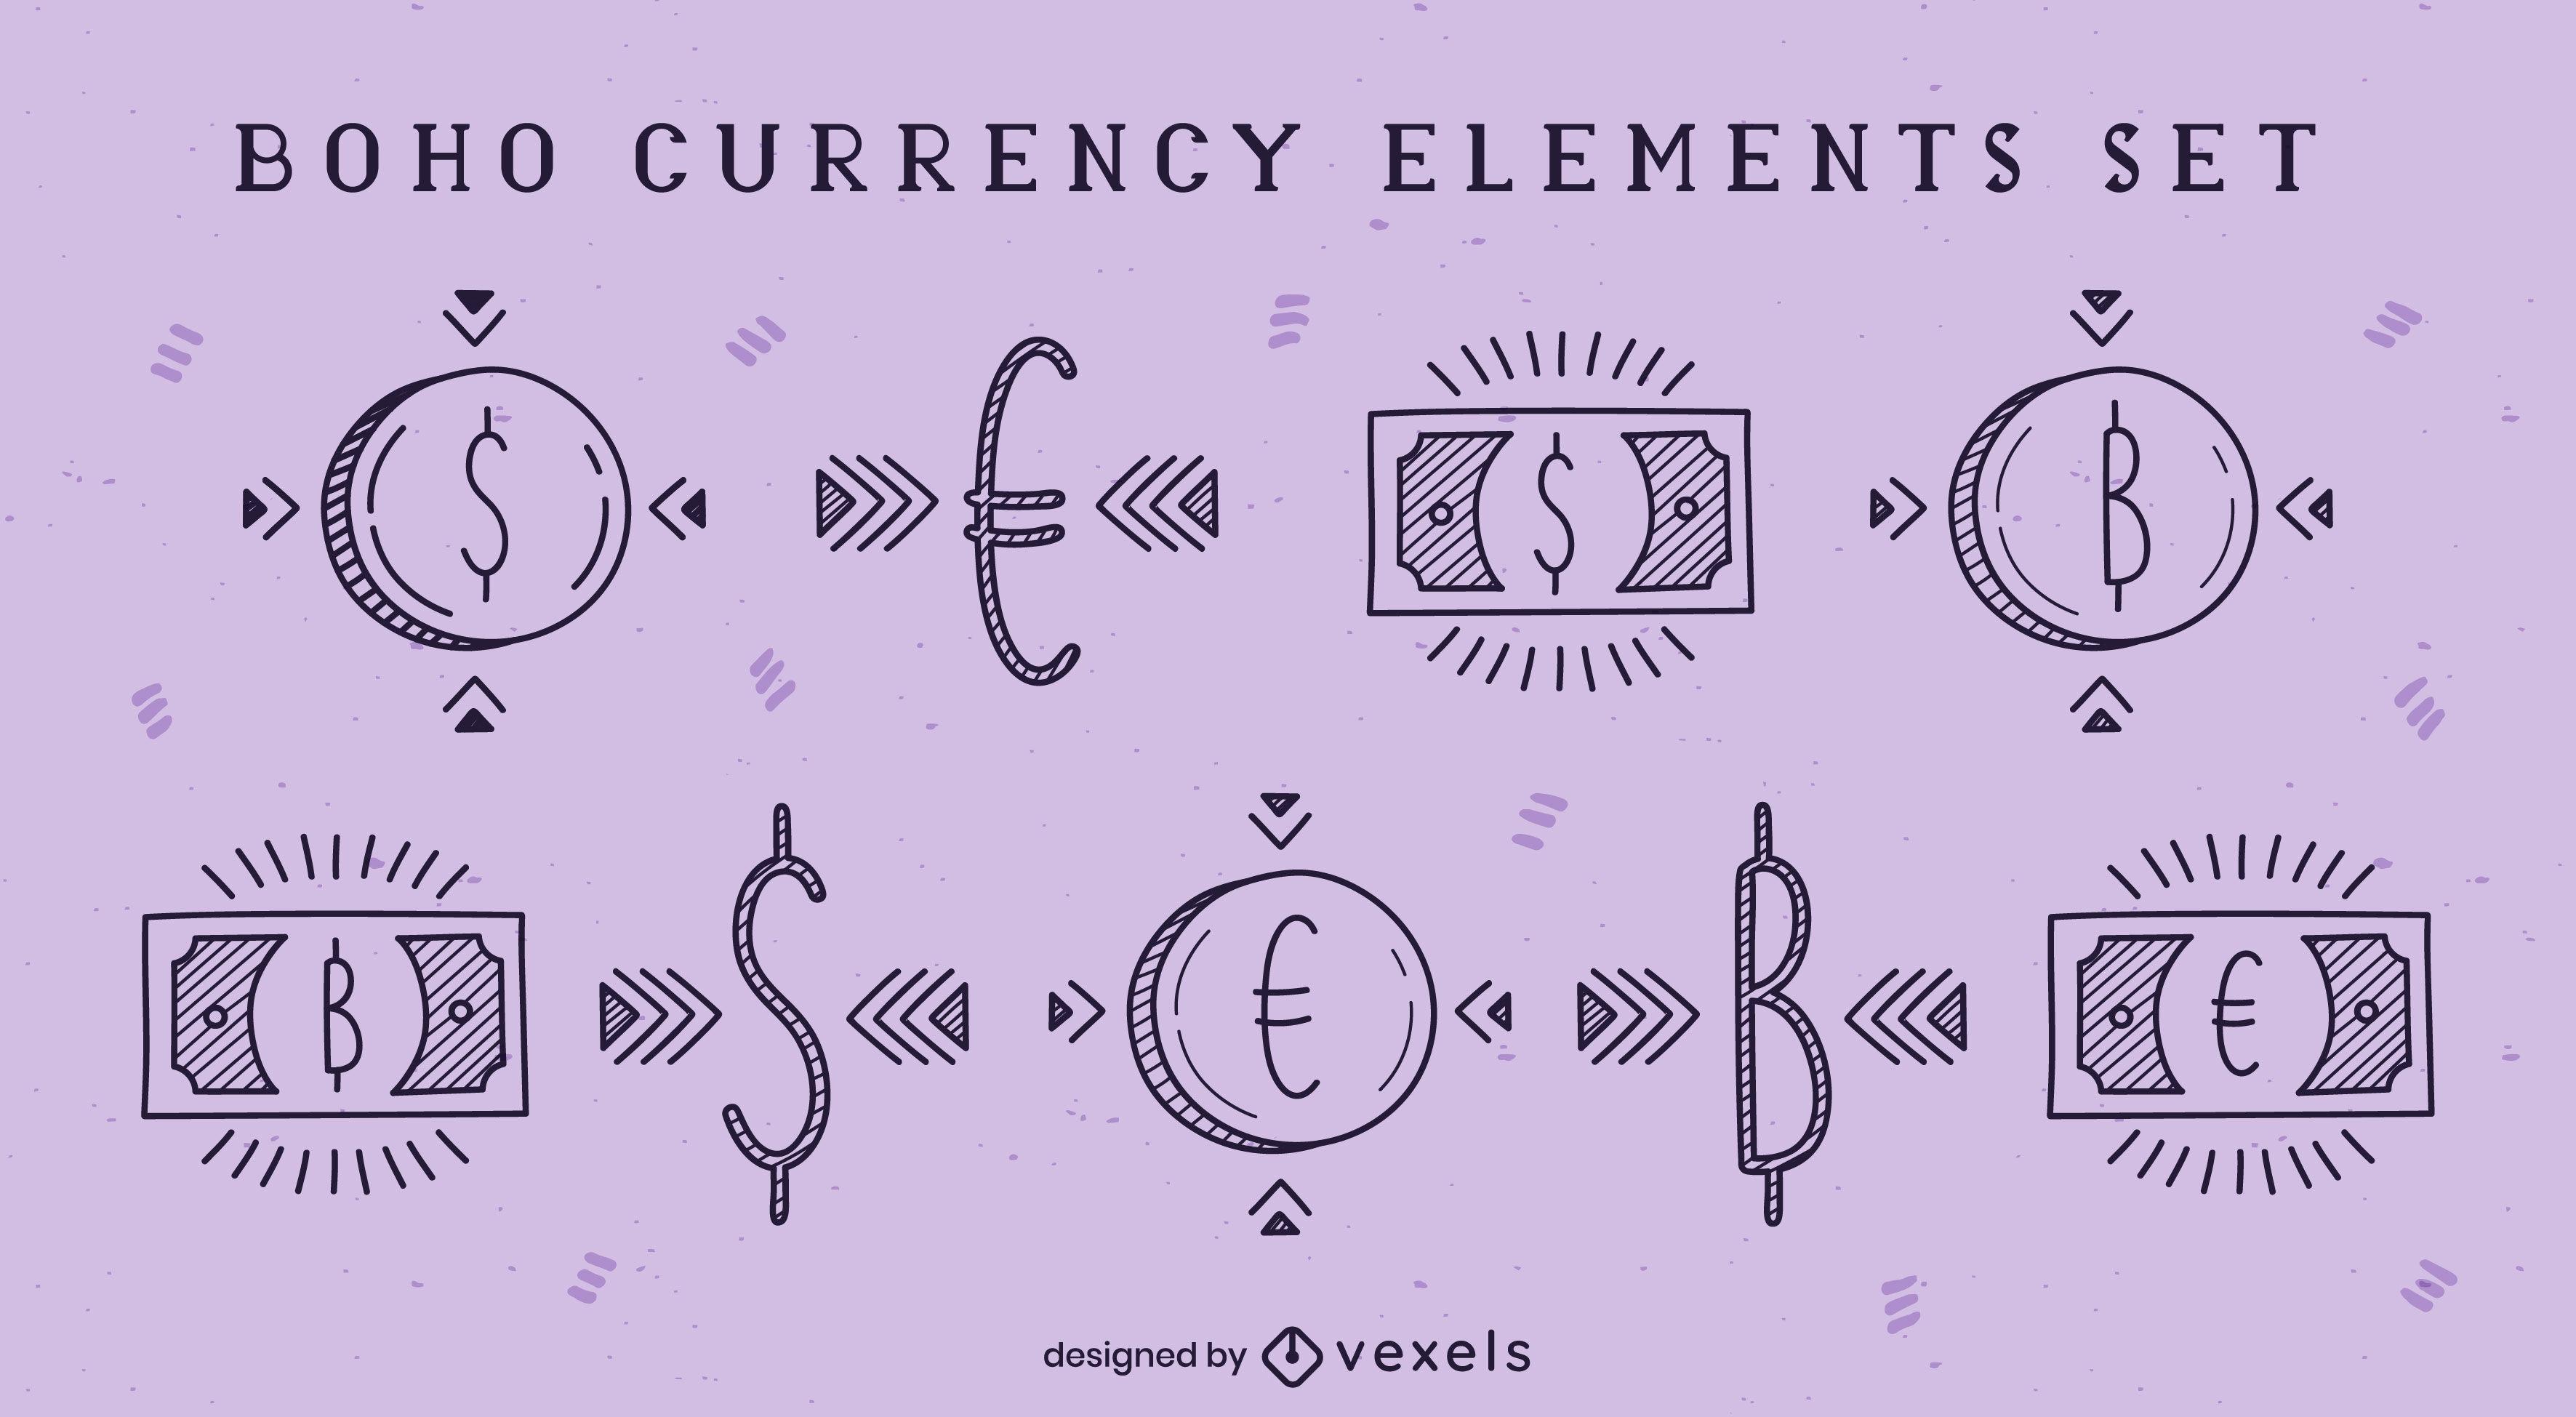 Währungs- und Geldelemente Boho-Doodle